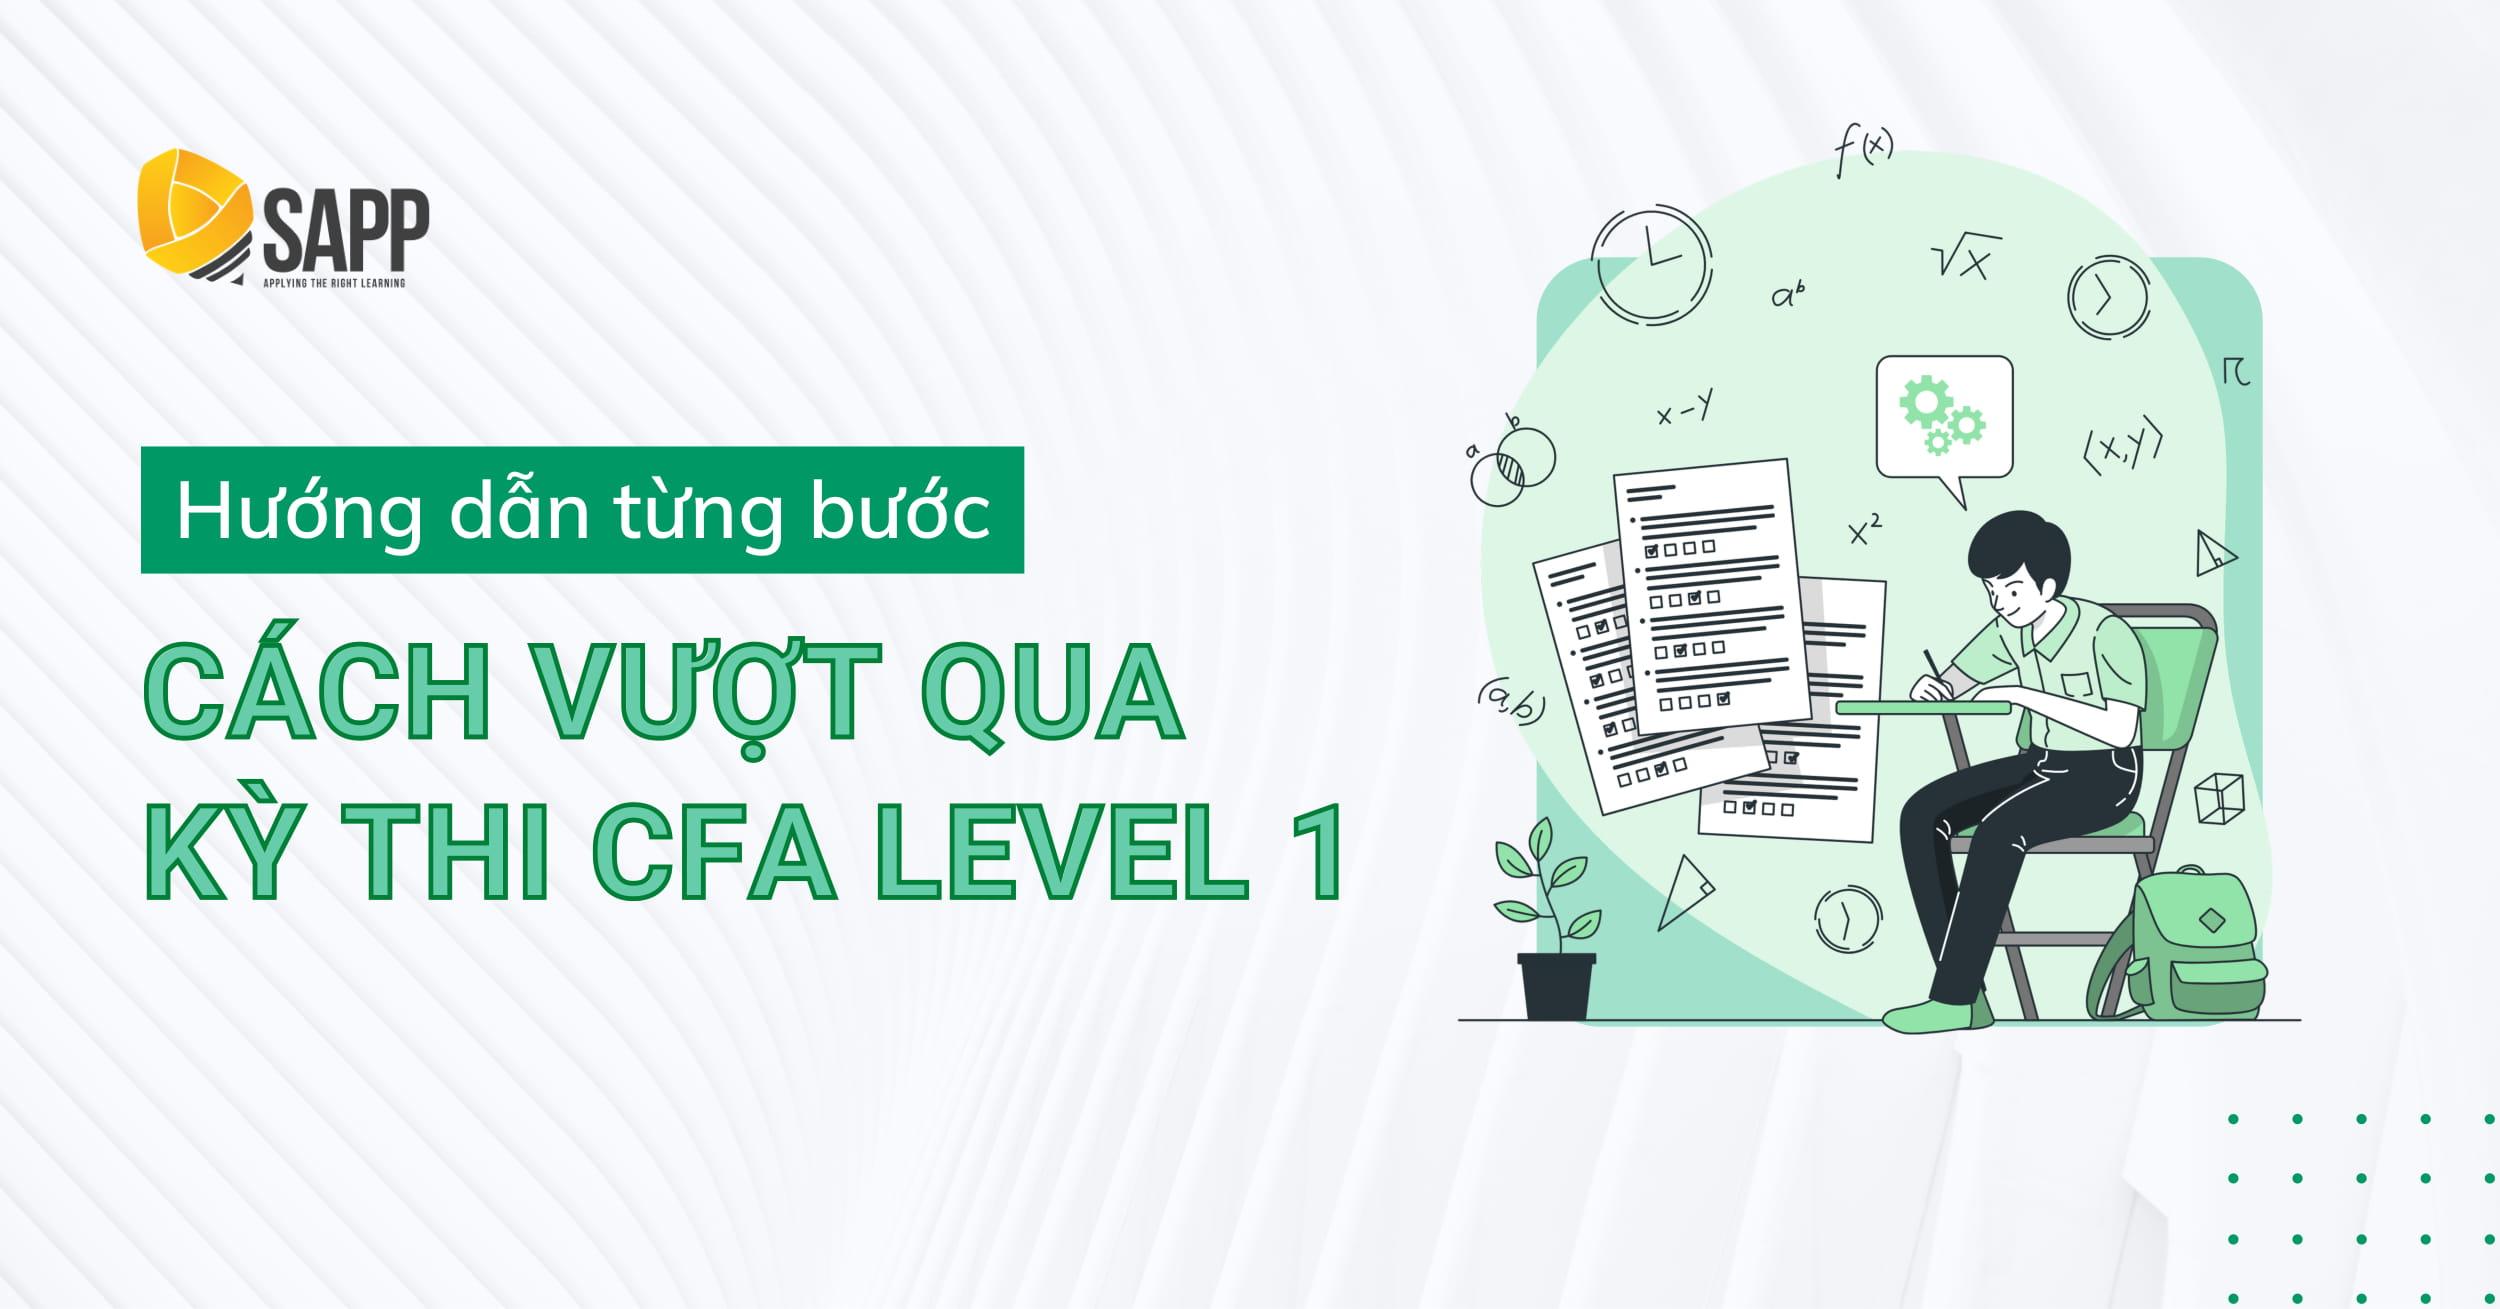 Hướng Dẫn Từng Bước Để Vượt Qua Kỳ Thi CFA Level 1 Dễ Dàng